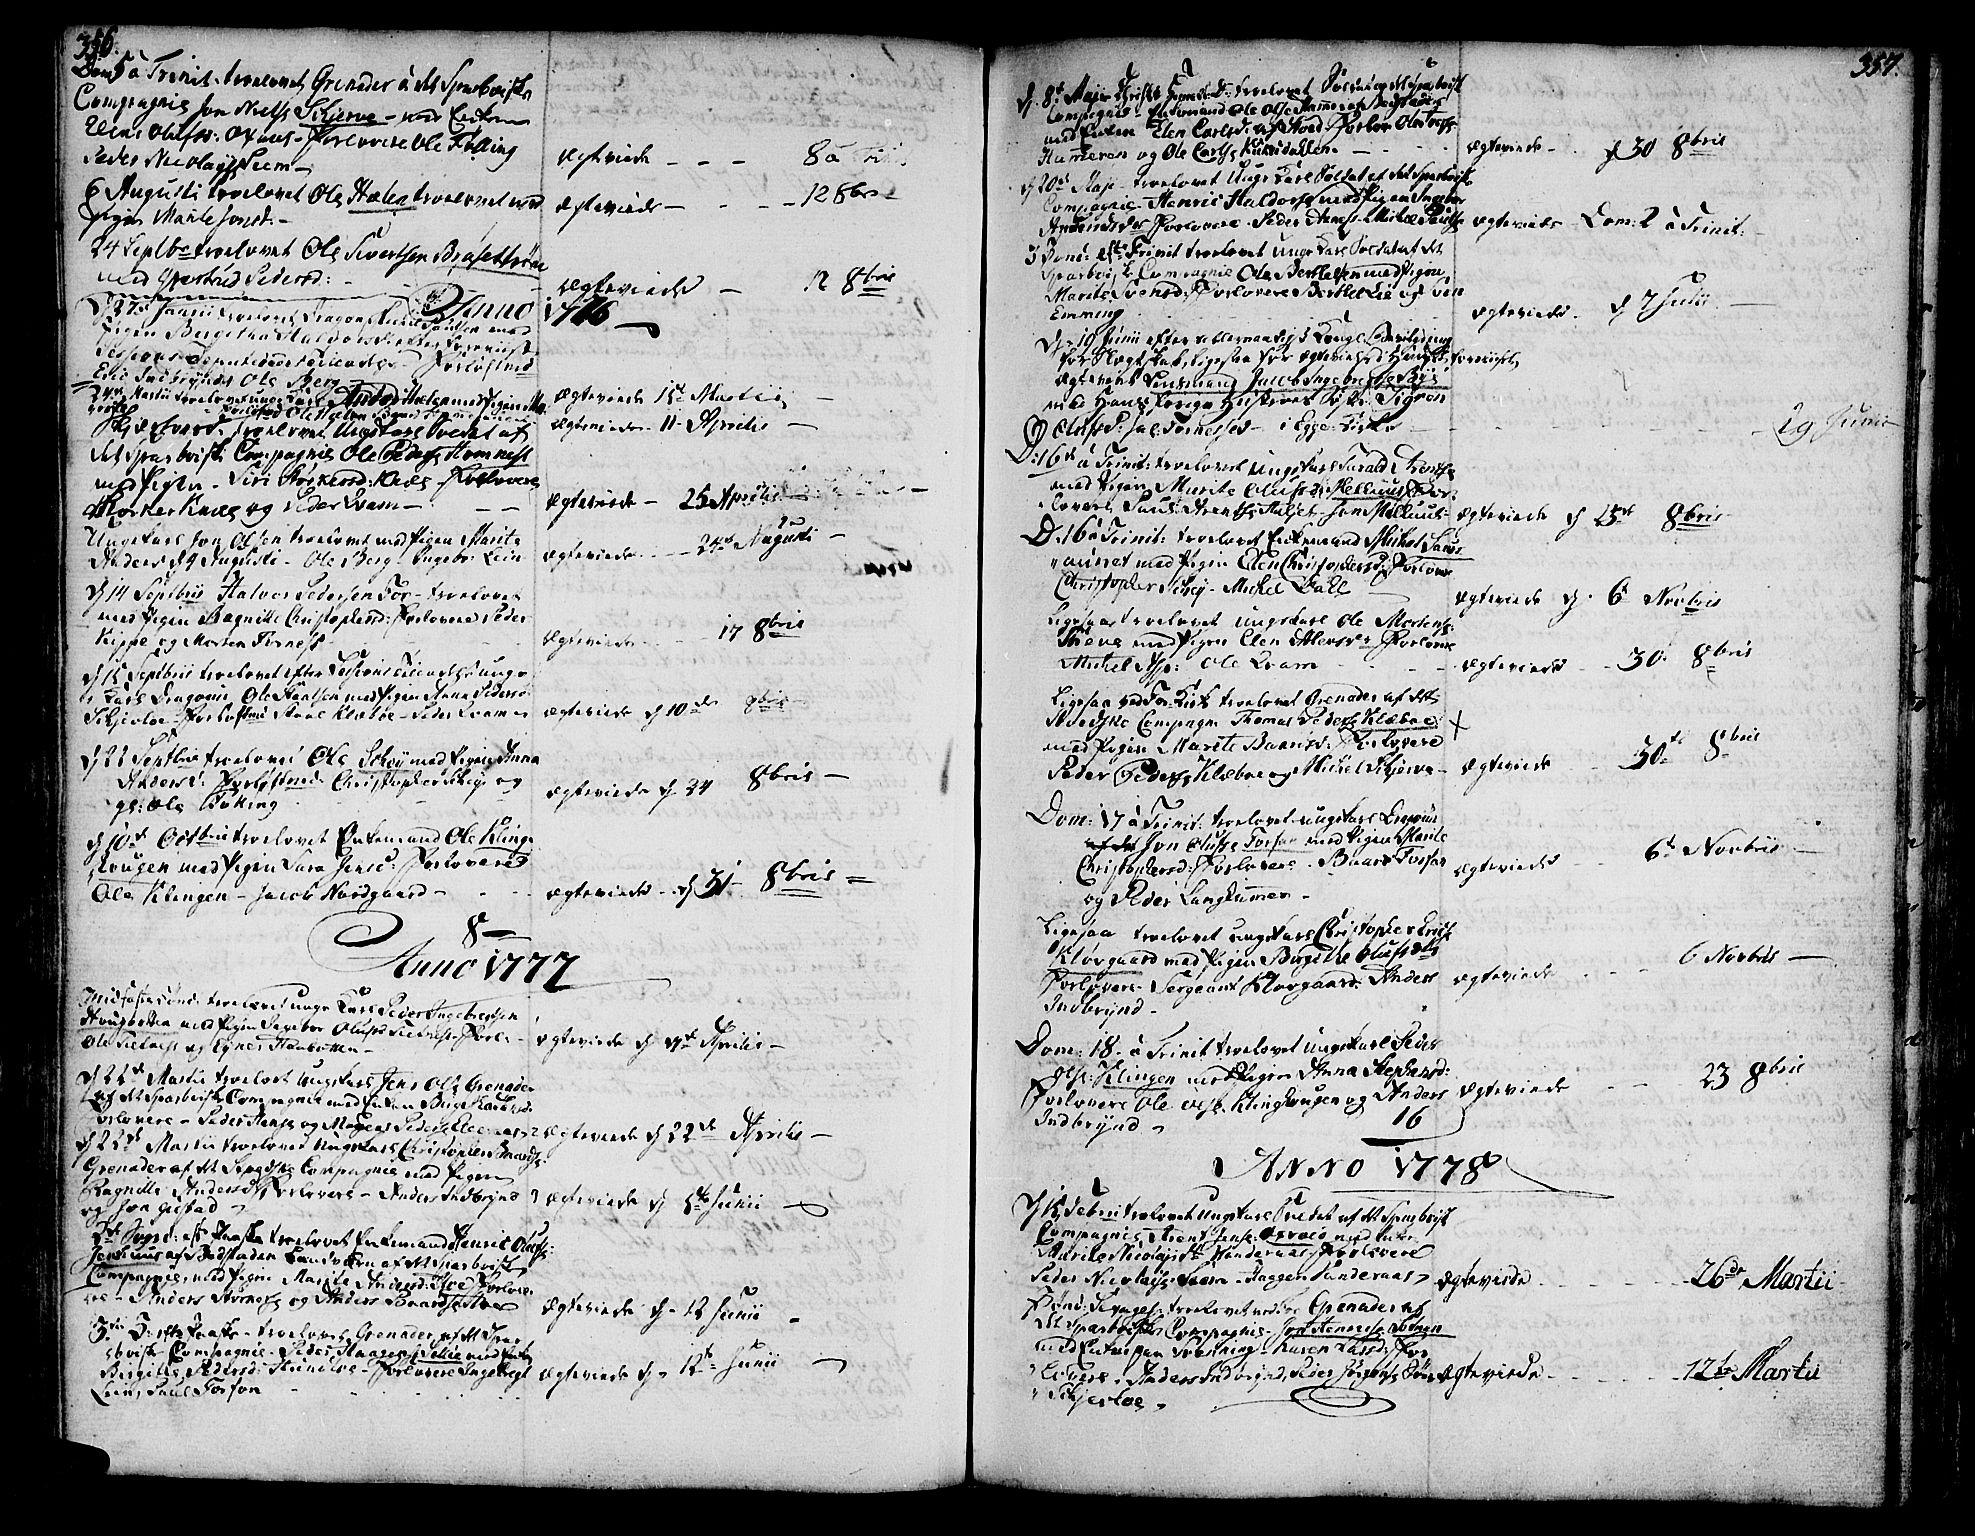 SAT, Ministerialprotokoller, klokkerbøker og fødselsregistre - Nord-Trøndelag, 746/L0440: Ministerialbok nr. 746A02, 1760-1815, s. 356-357